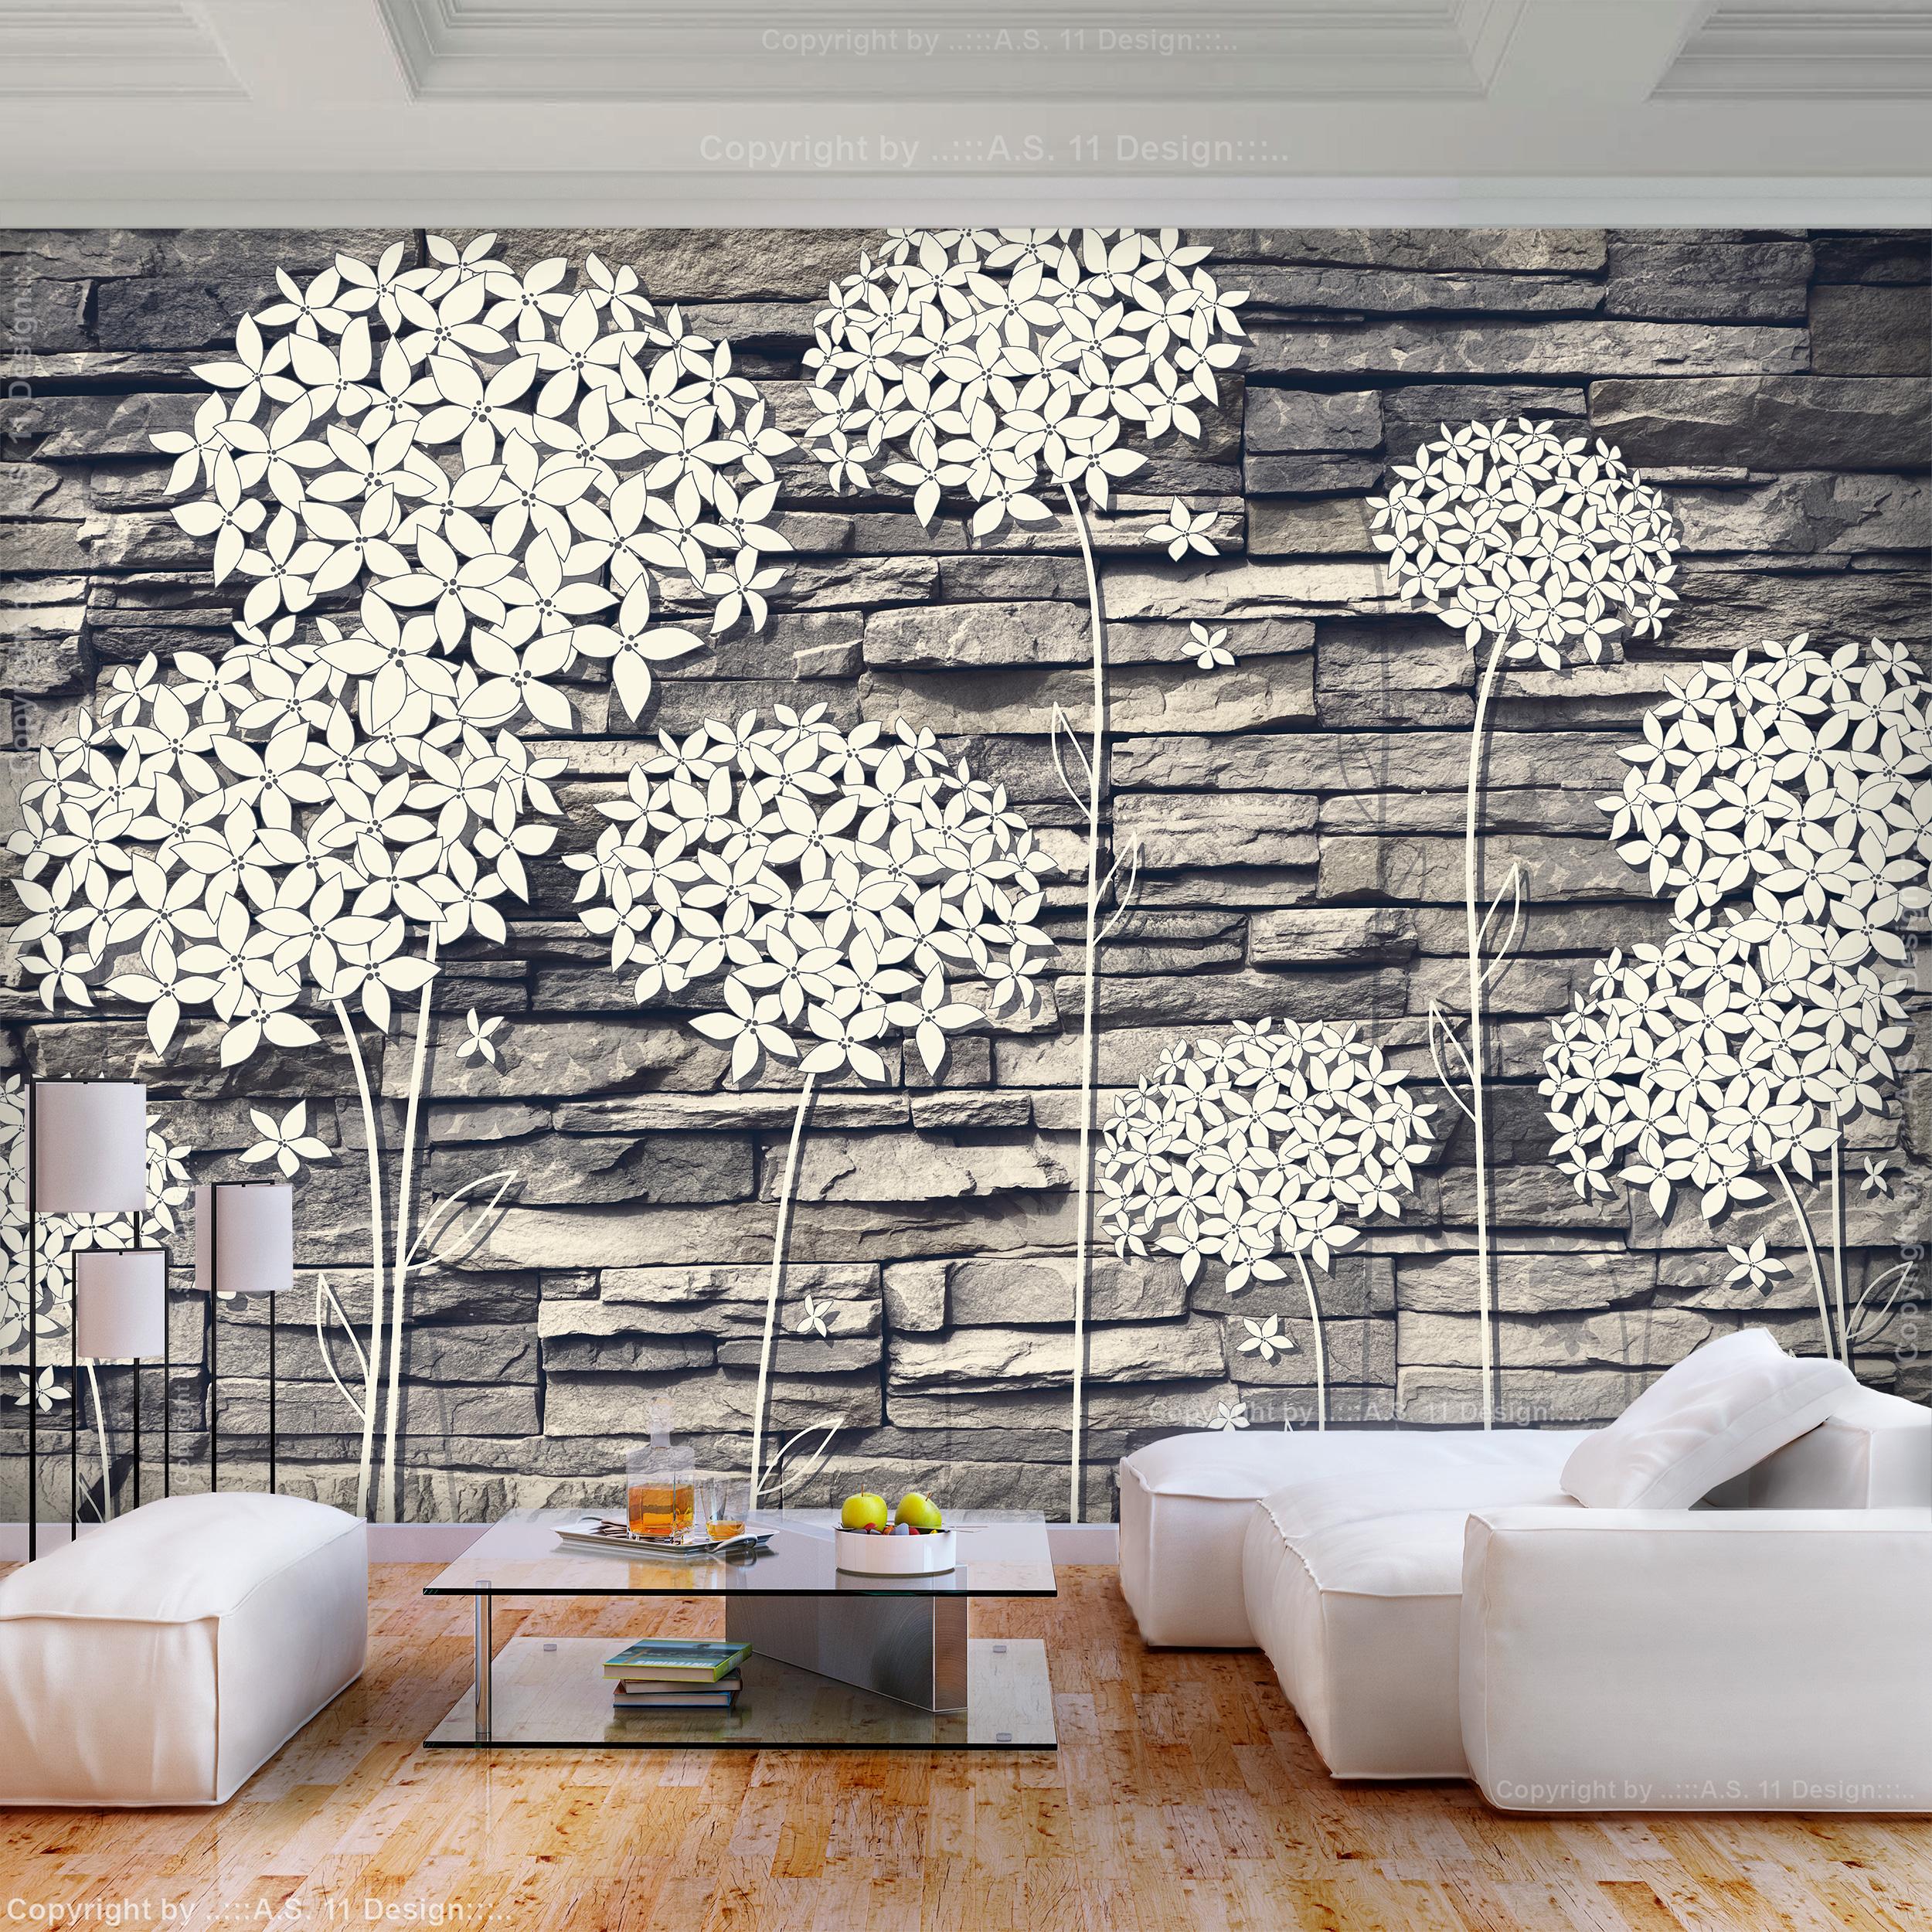 vlies fototapete ziegelstein blumen 3d effekt tapete wandbilder xxl wohnzimmer ebay. Black Bedroom Furniture Sets. Home Design Ideas